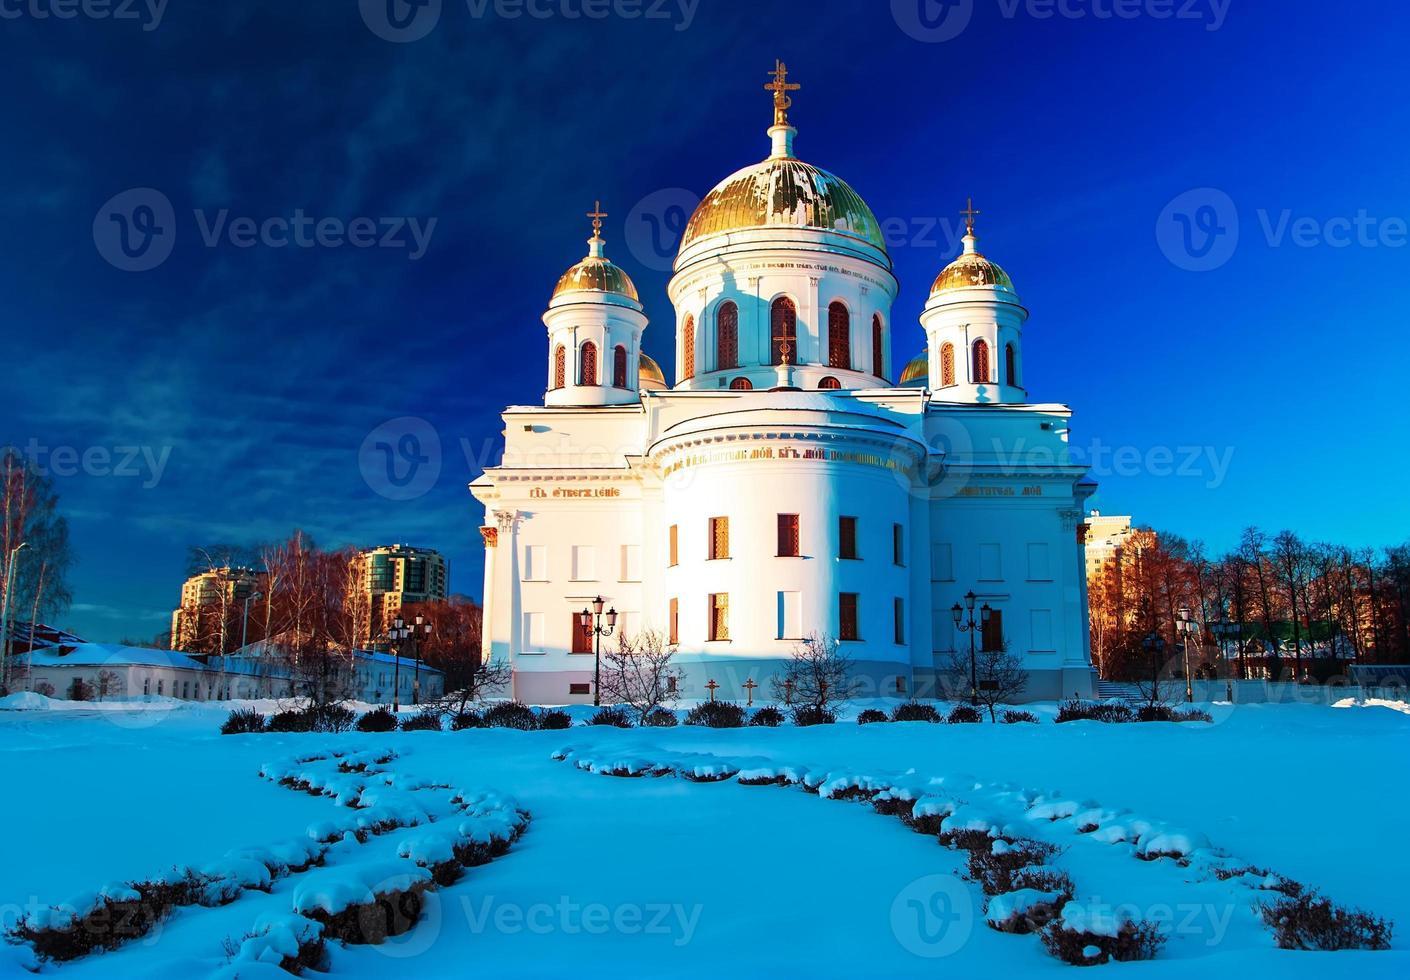 weiße orthodoxe Kirche mit goldenen Kuppeln gegen blauen Winterhimmel foto